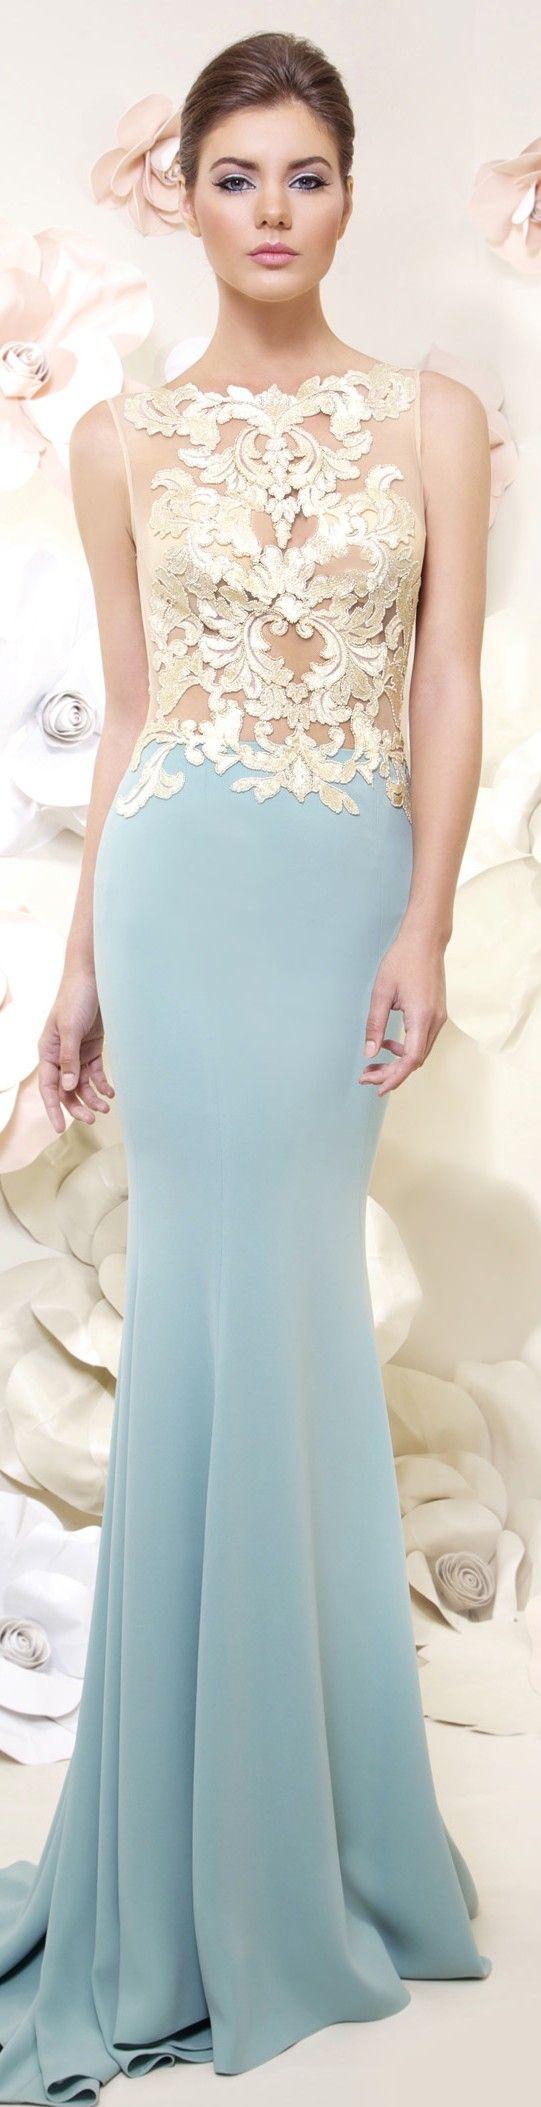 60 best Vestidos images on Pinterest | Cute dresses, Low cut dresses ...